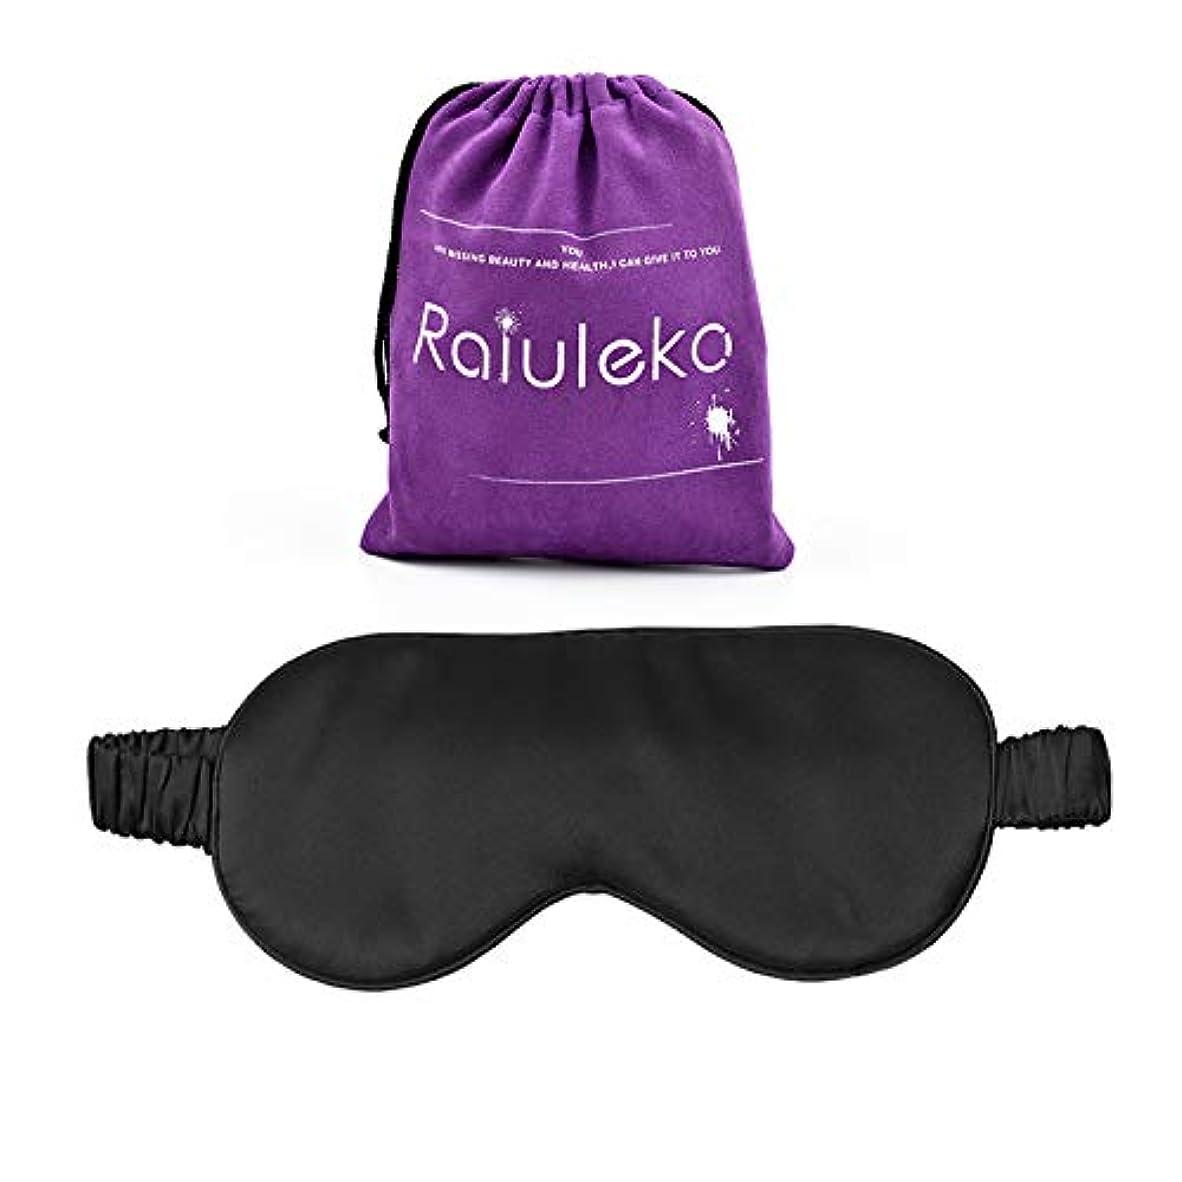 ホテル気を散らす上向きNOTE ナチュラルピュアシルクソフトスリープマスク目隠しシェードアイカバーポータブル接眼用旅行睡眠オフィス用休息調節可能な包帯